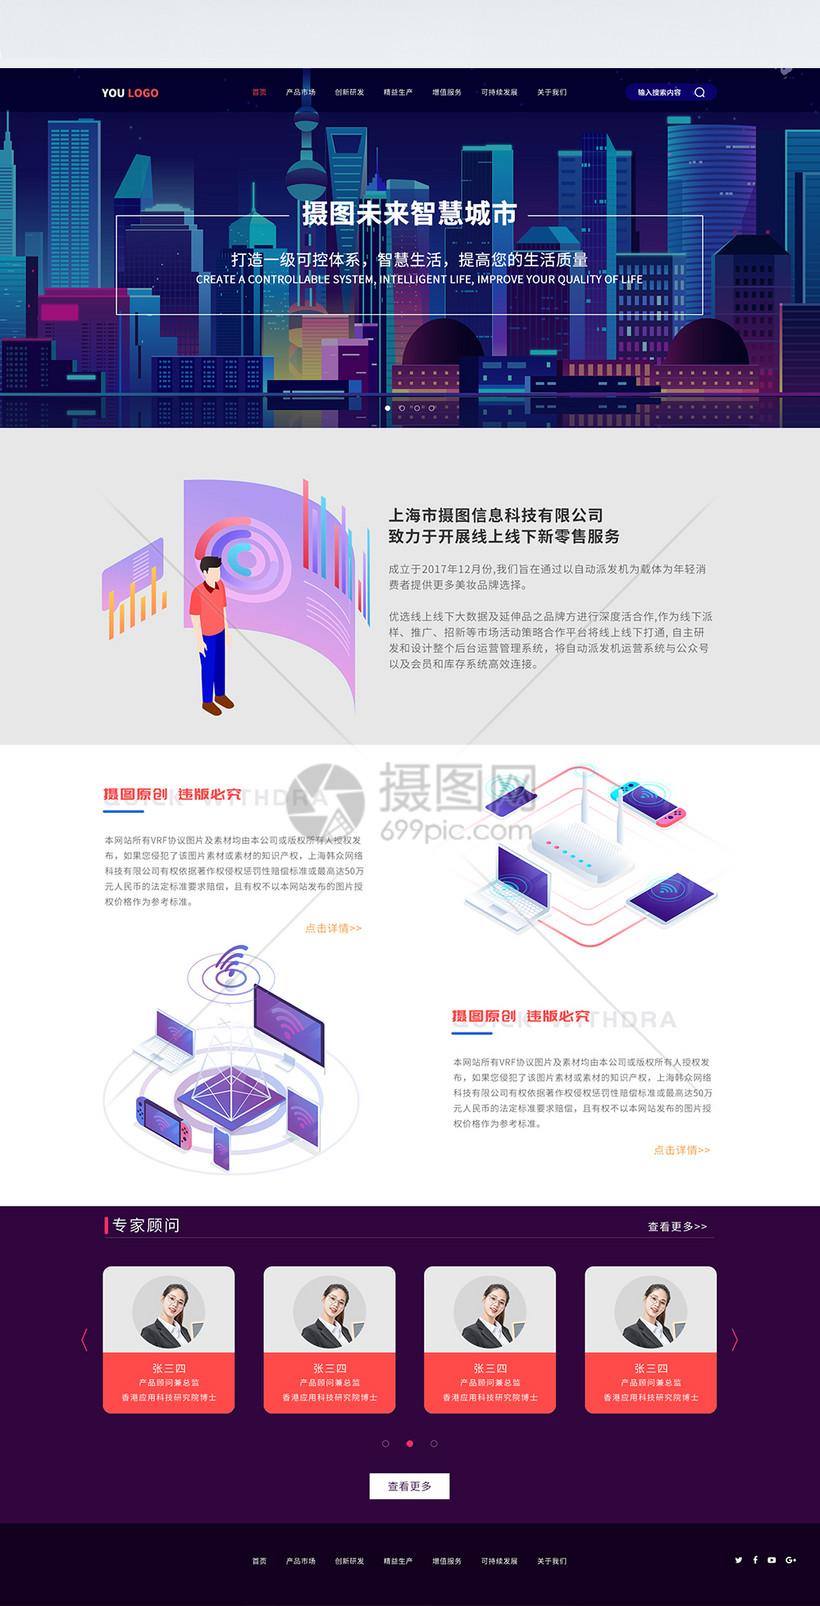 uiv智慧智慧官网城市详情web企业页上海宝夏建筑设计图片